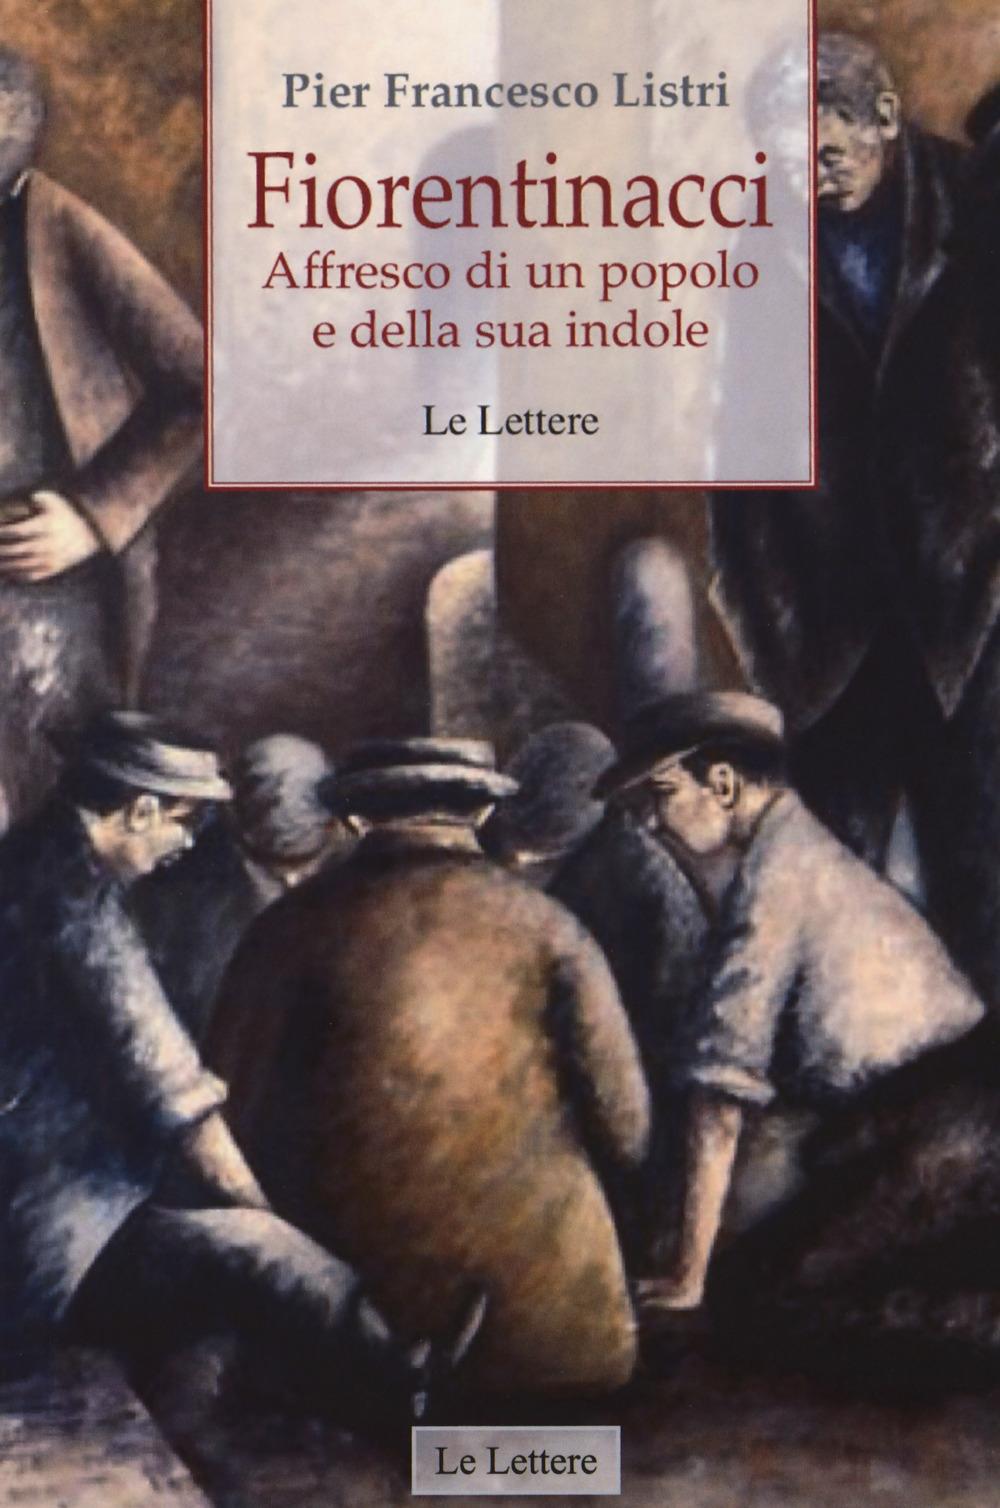 Fiorentinacci.